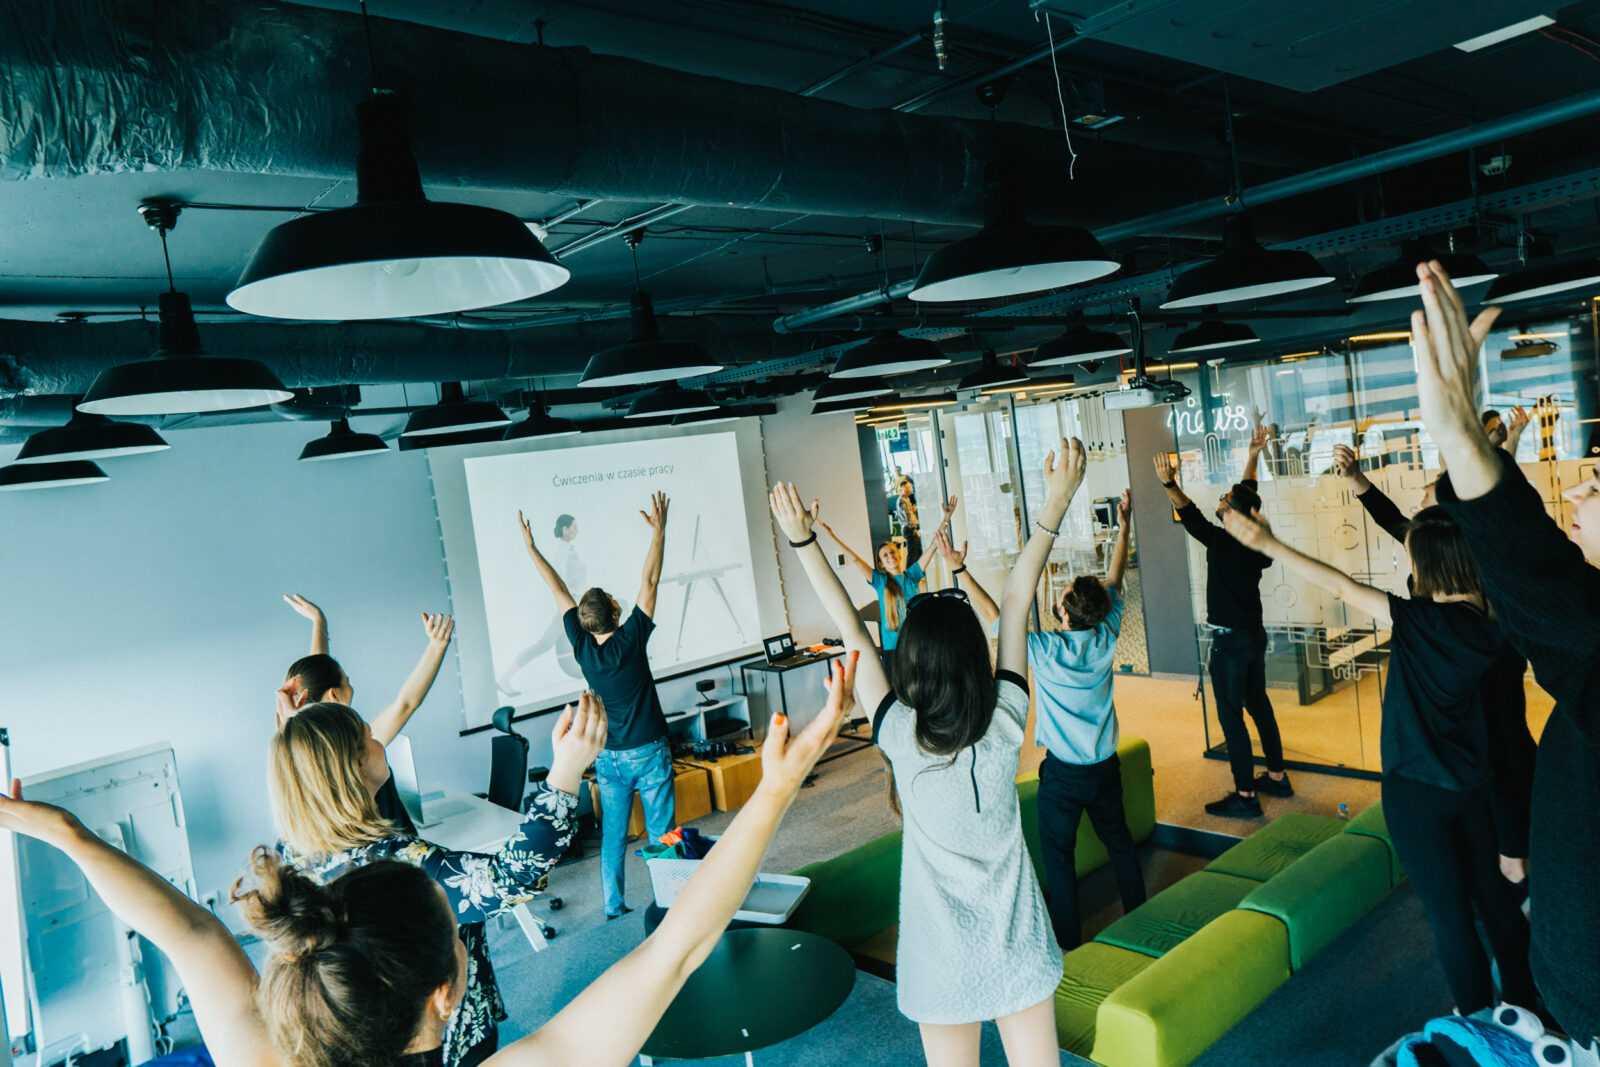 Programy wellbeing dla firm